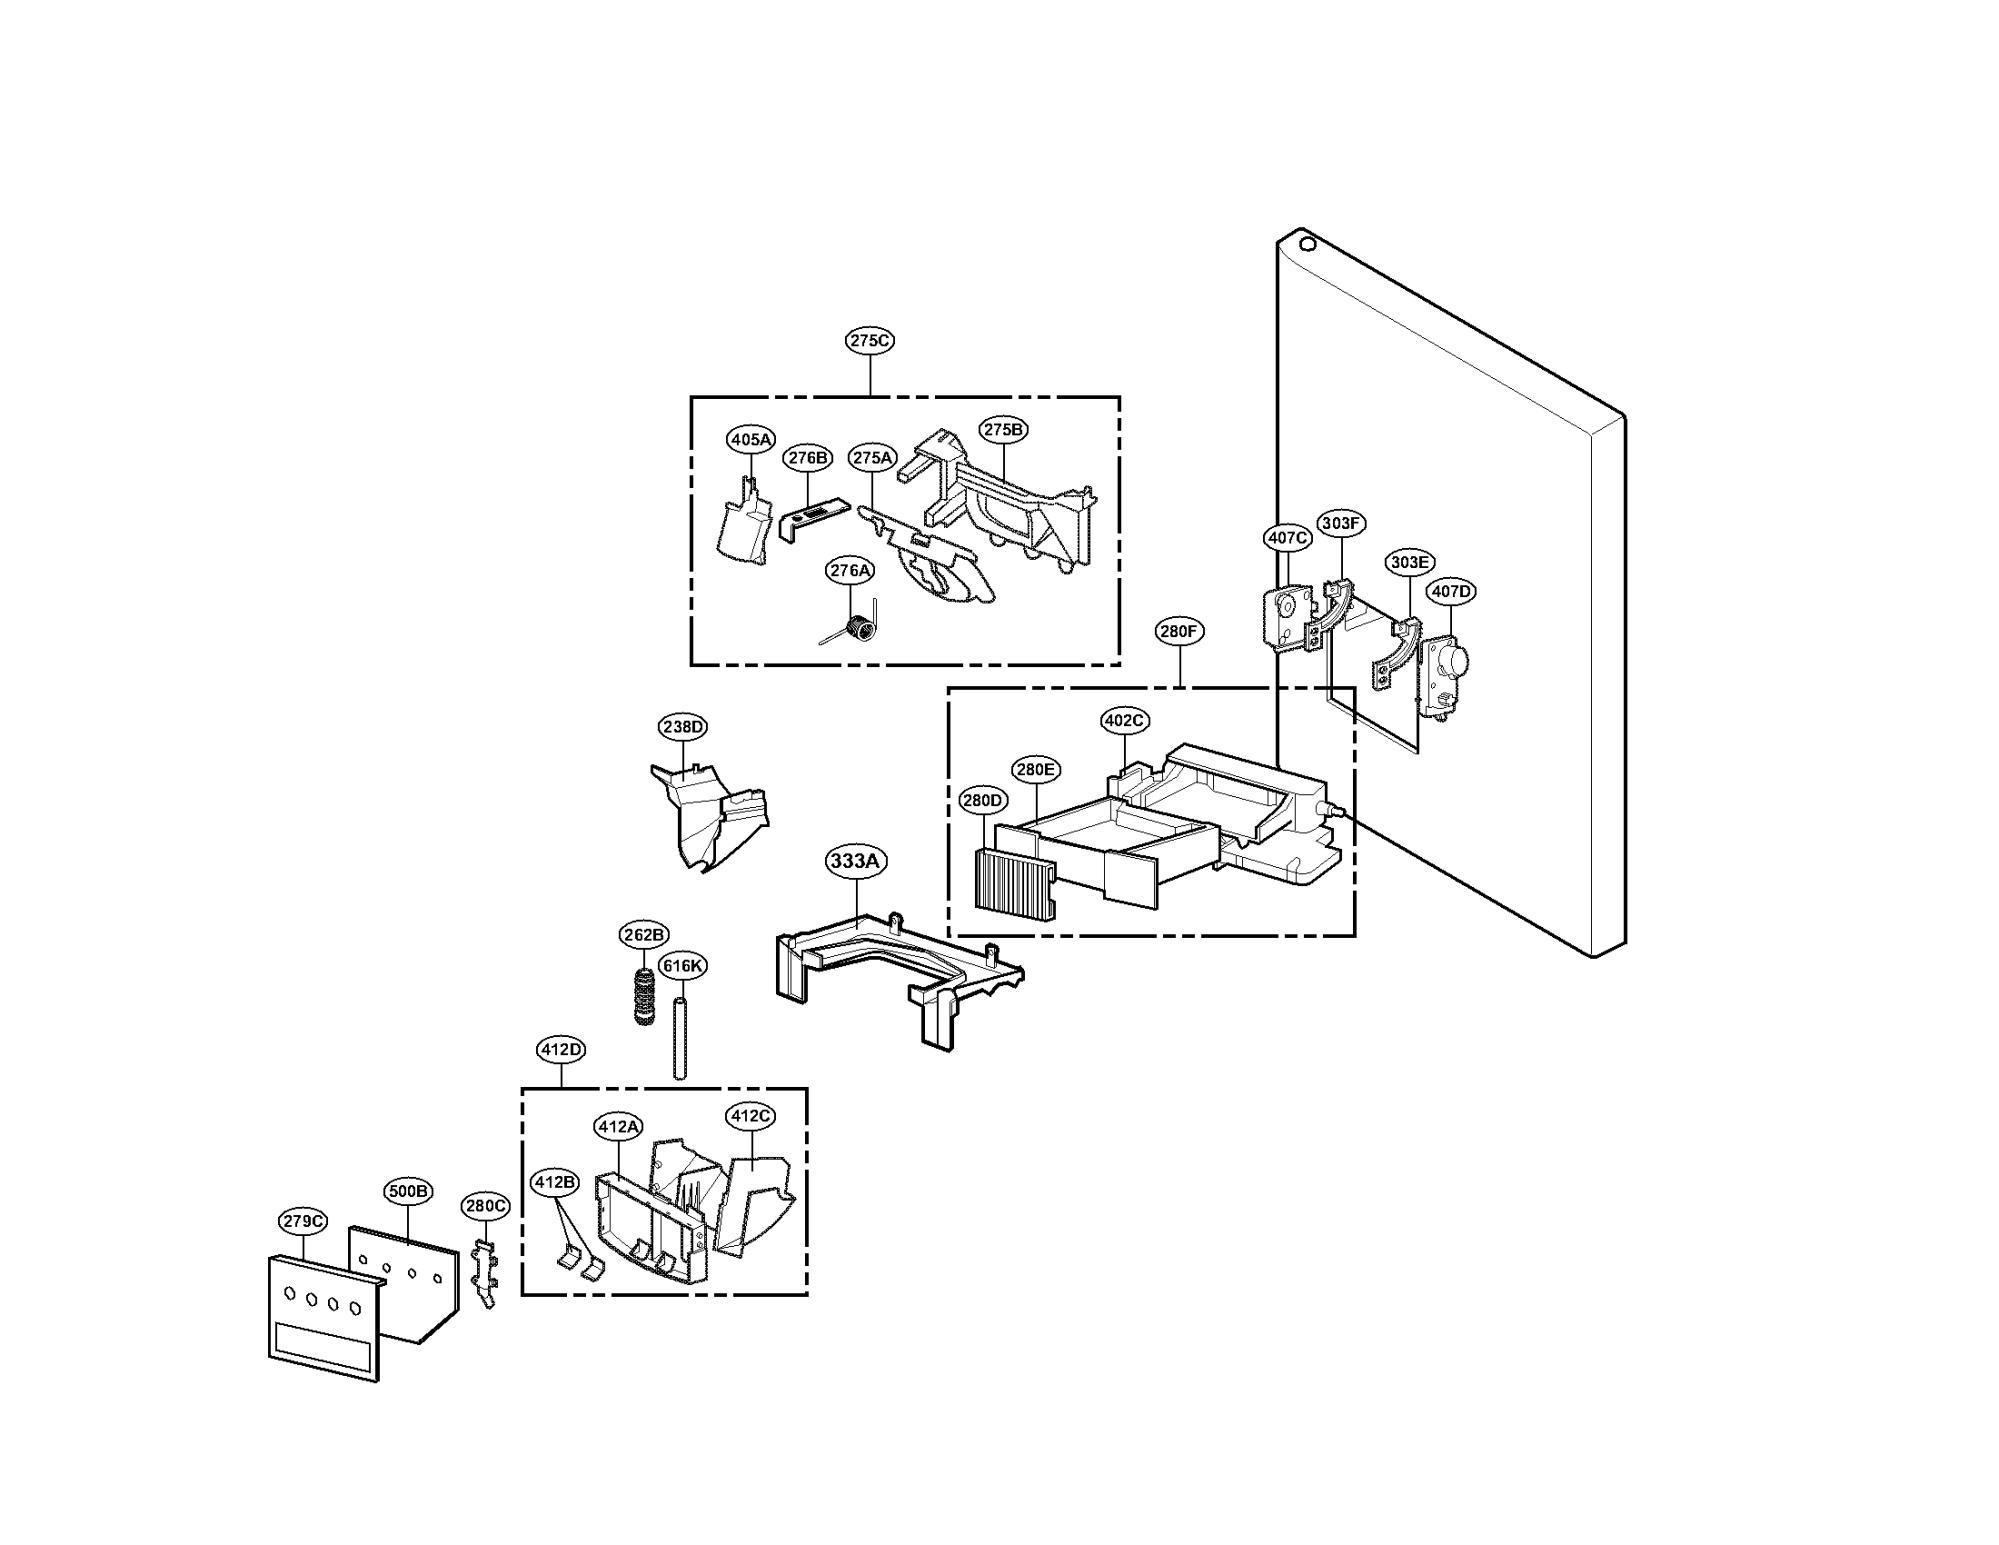 hight resolution of 280e vacuum diagram